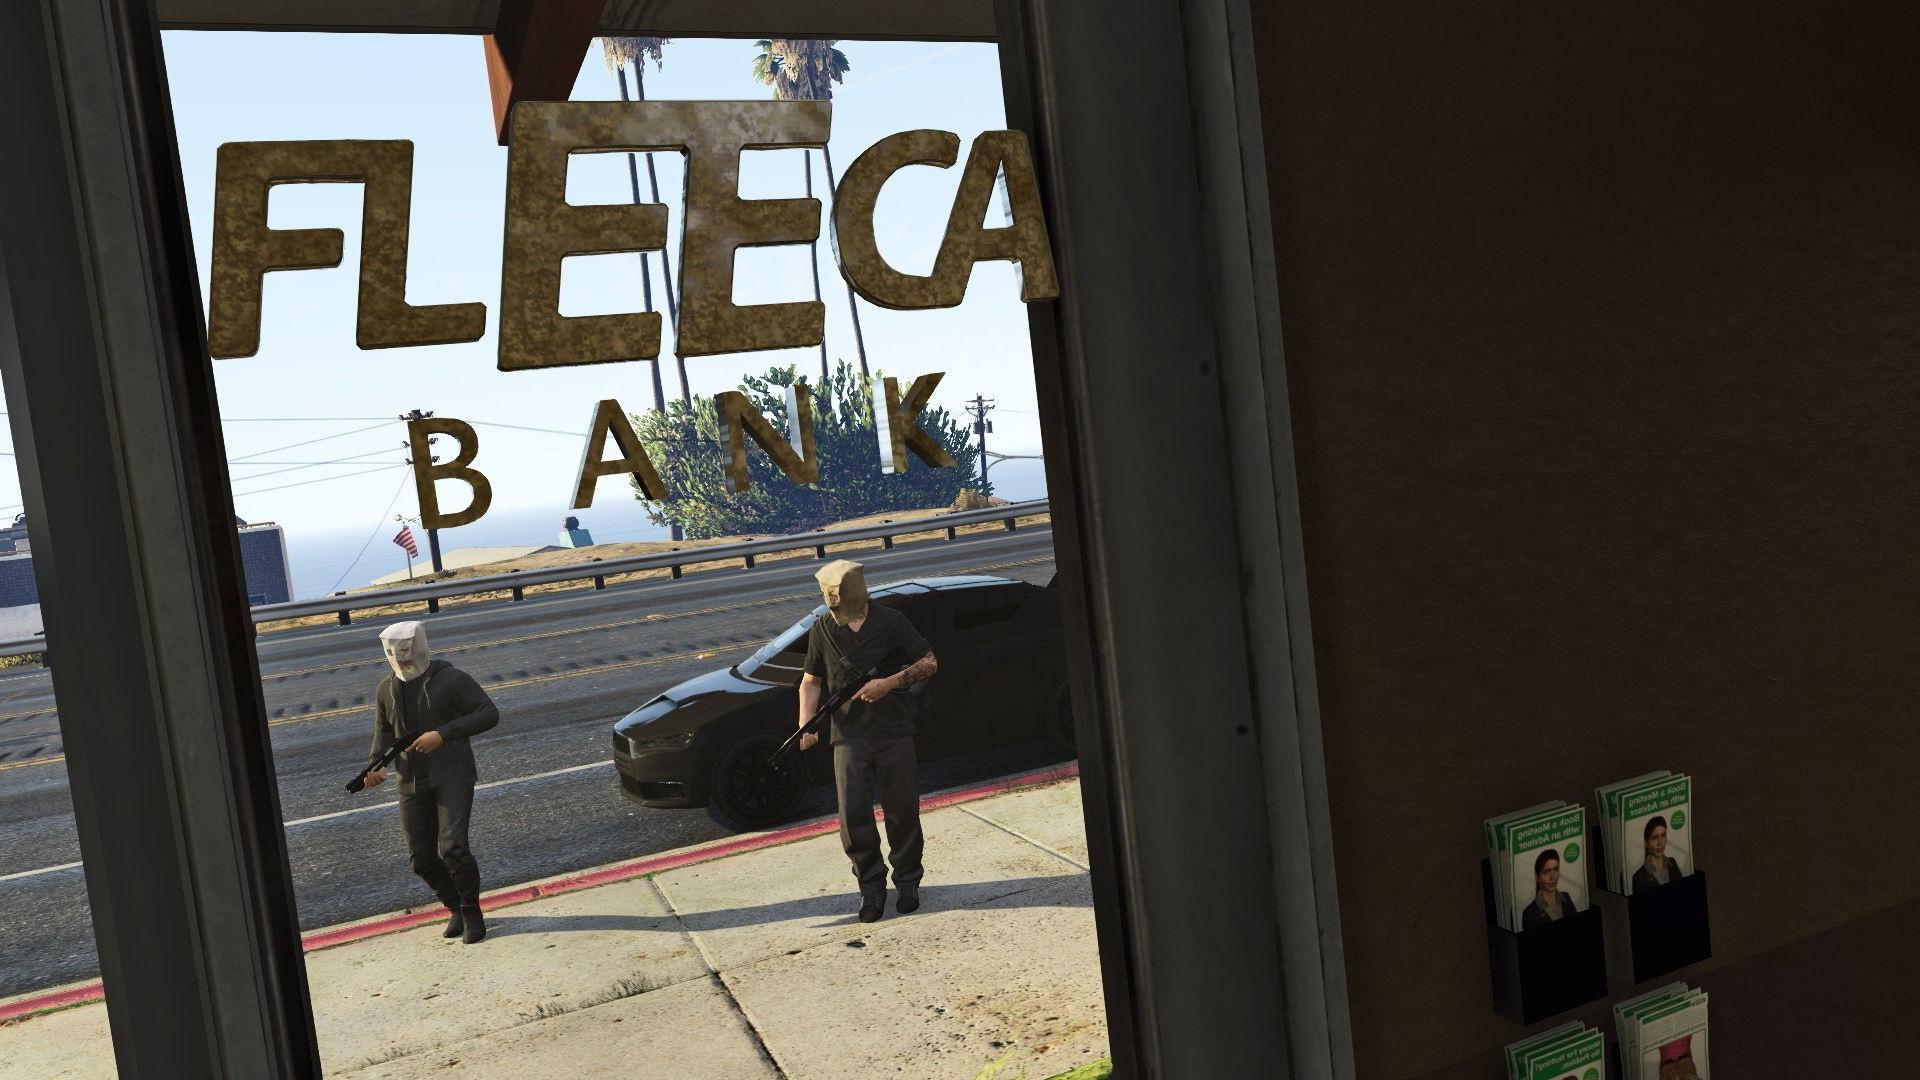 how to start fleeca heist